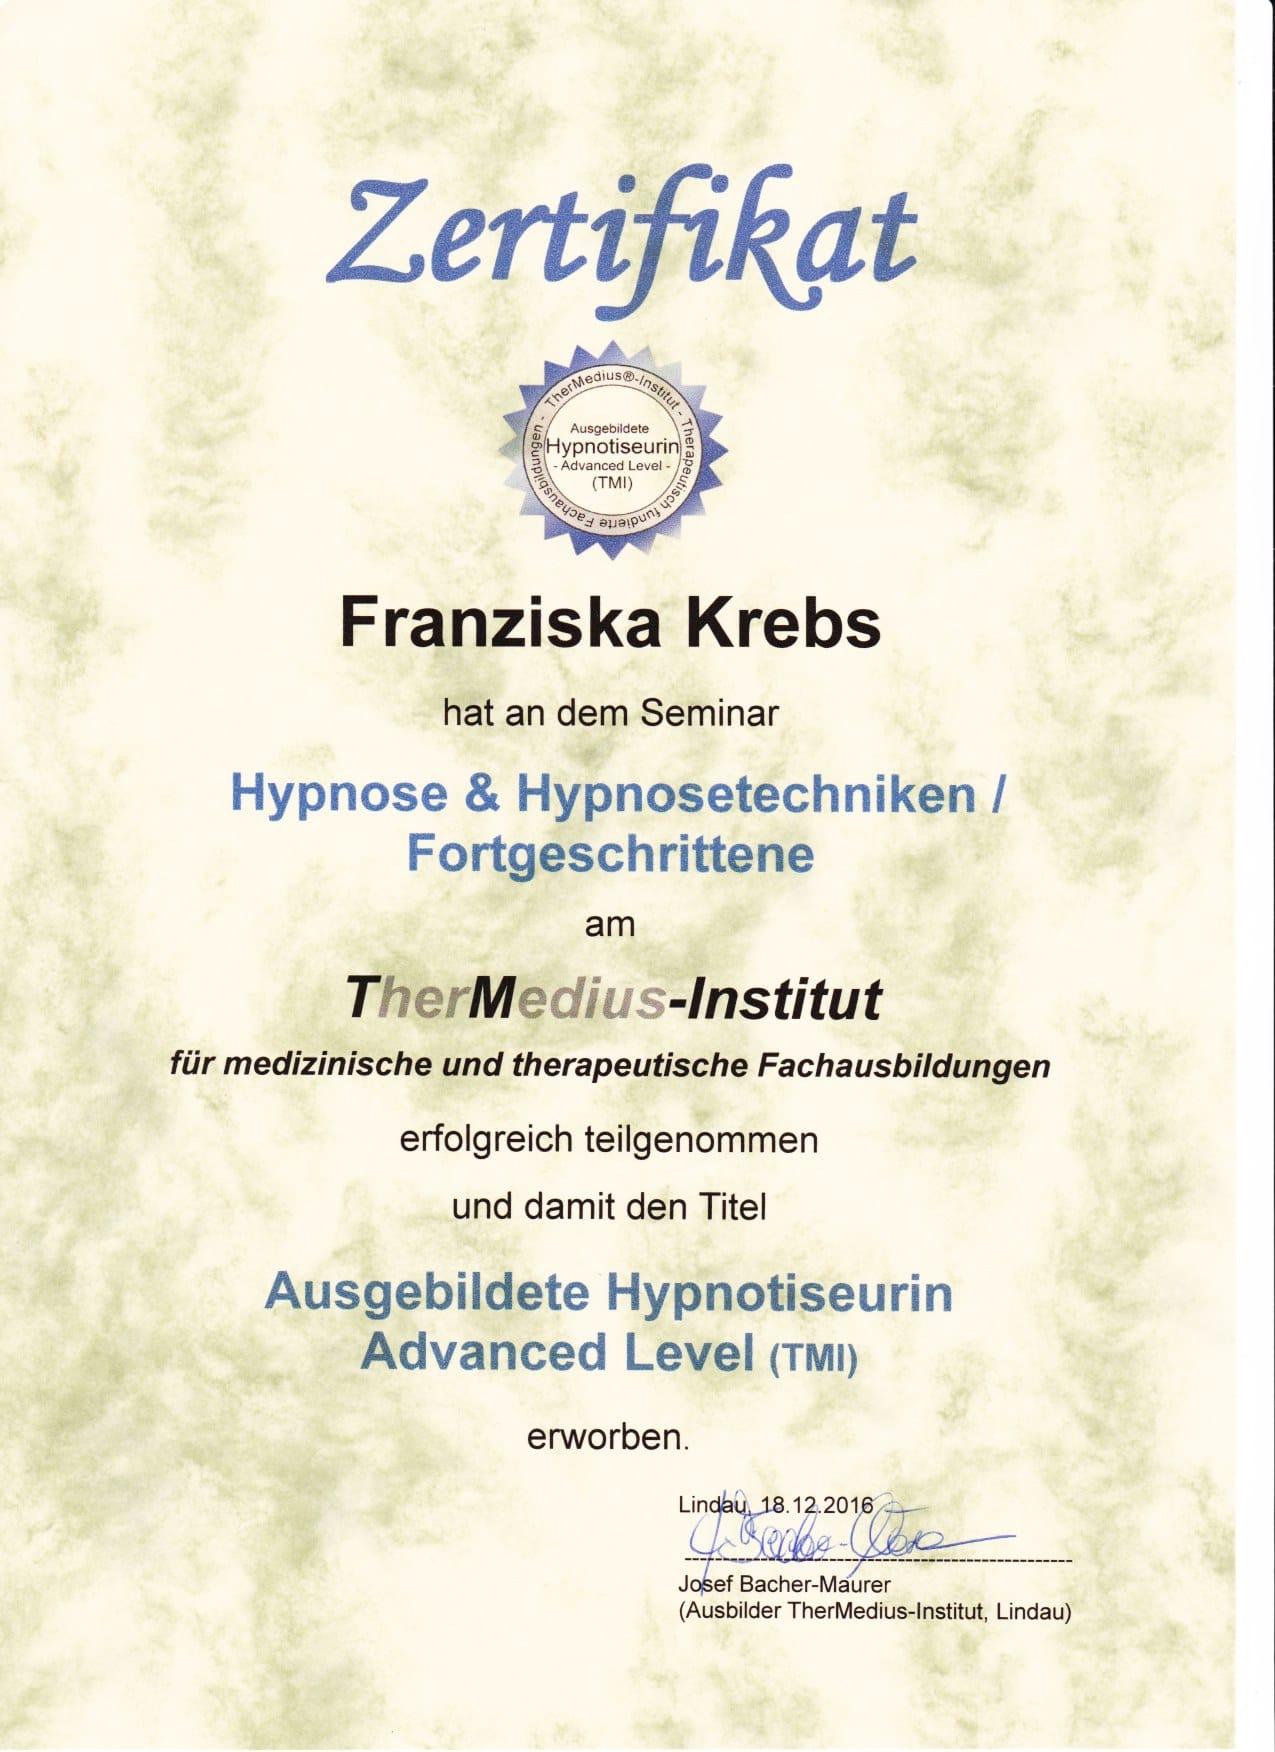 Zertifikat Hypnose & Hypnosetechniken / Fortgeschrittene